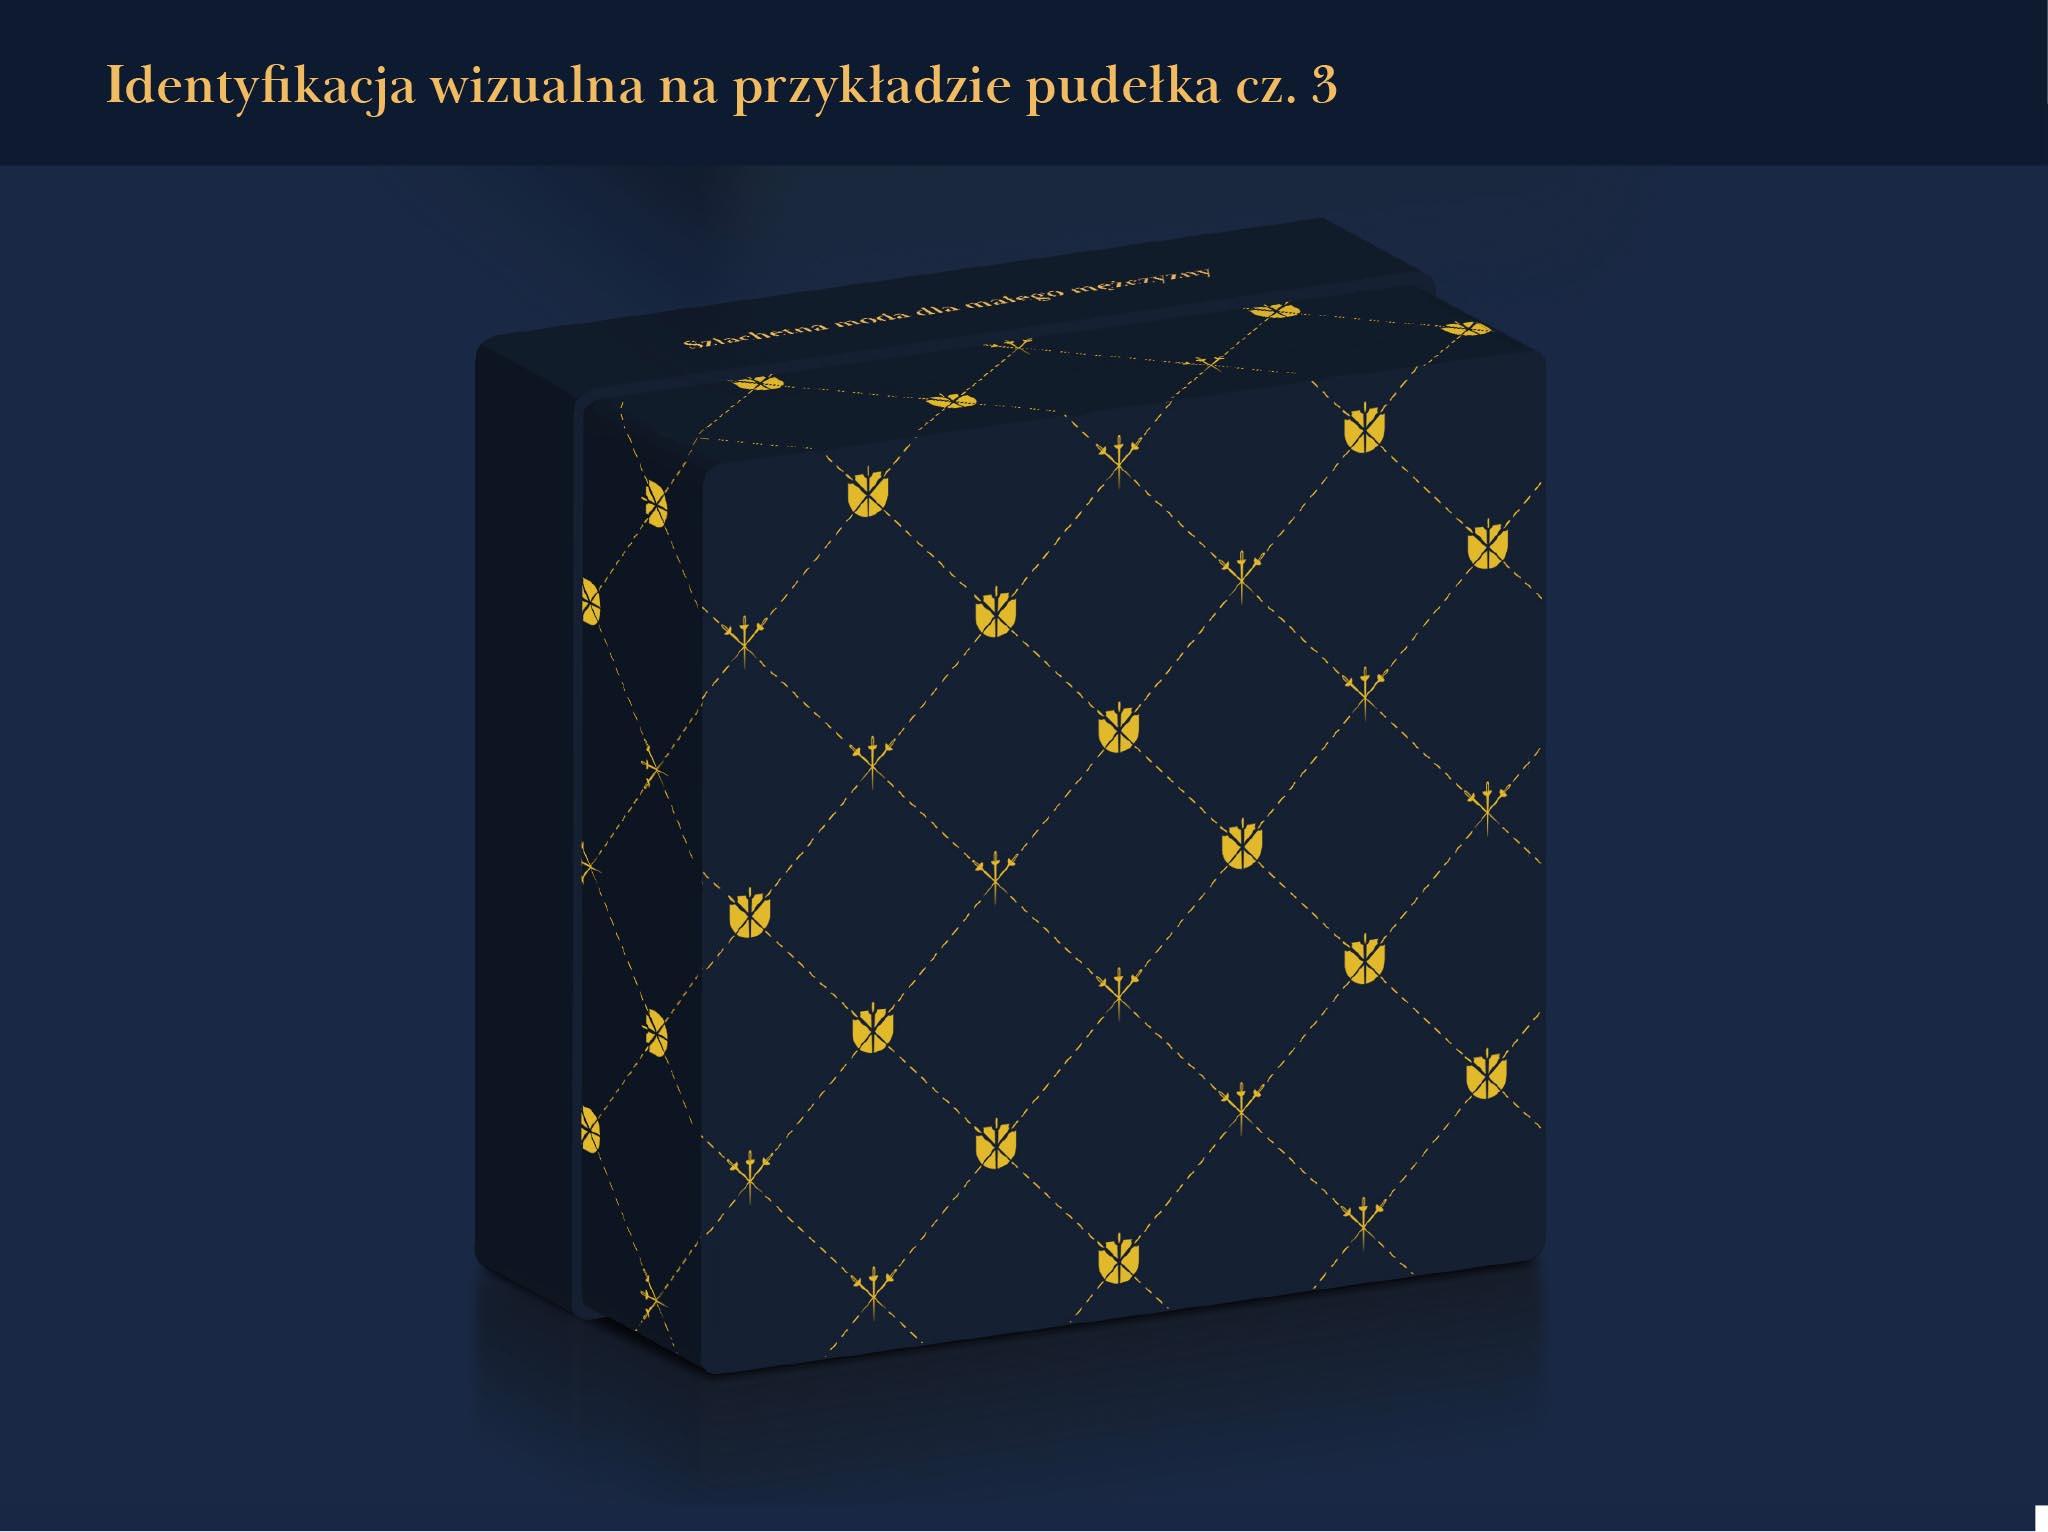 identyfikacja_wizualna_muskatos_5